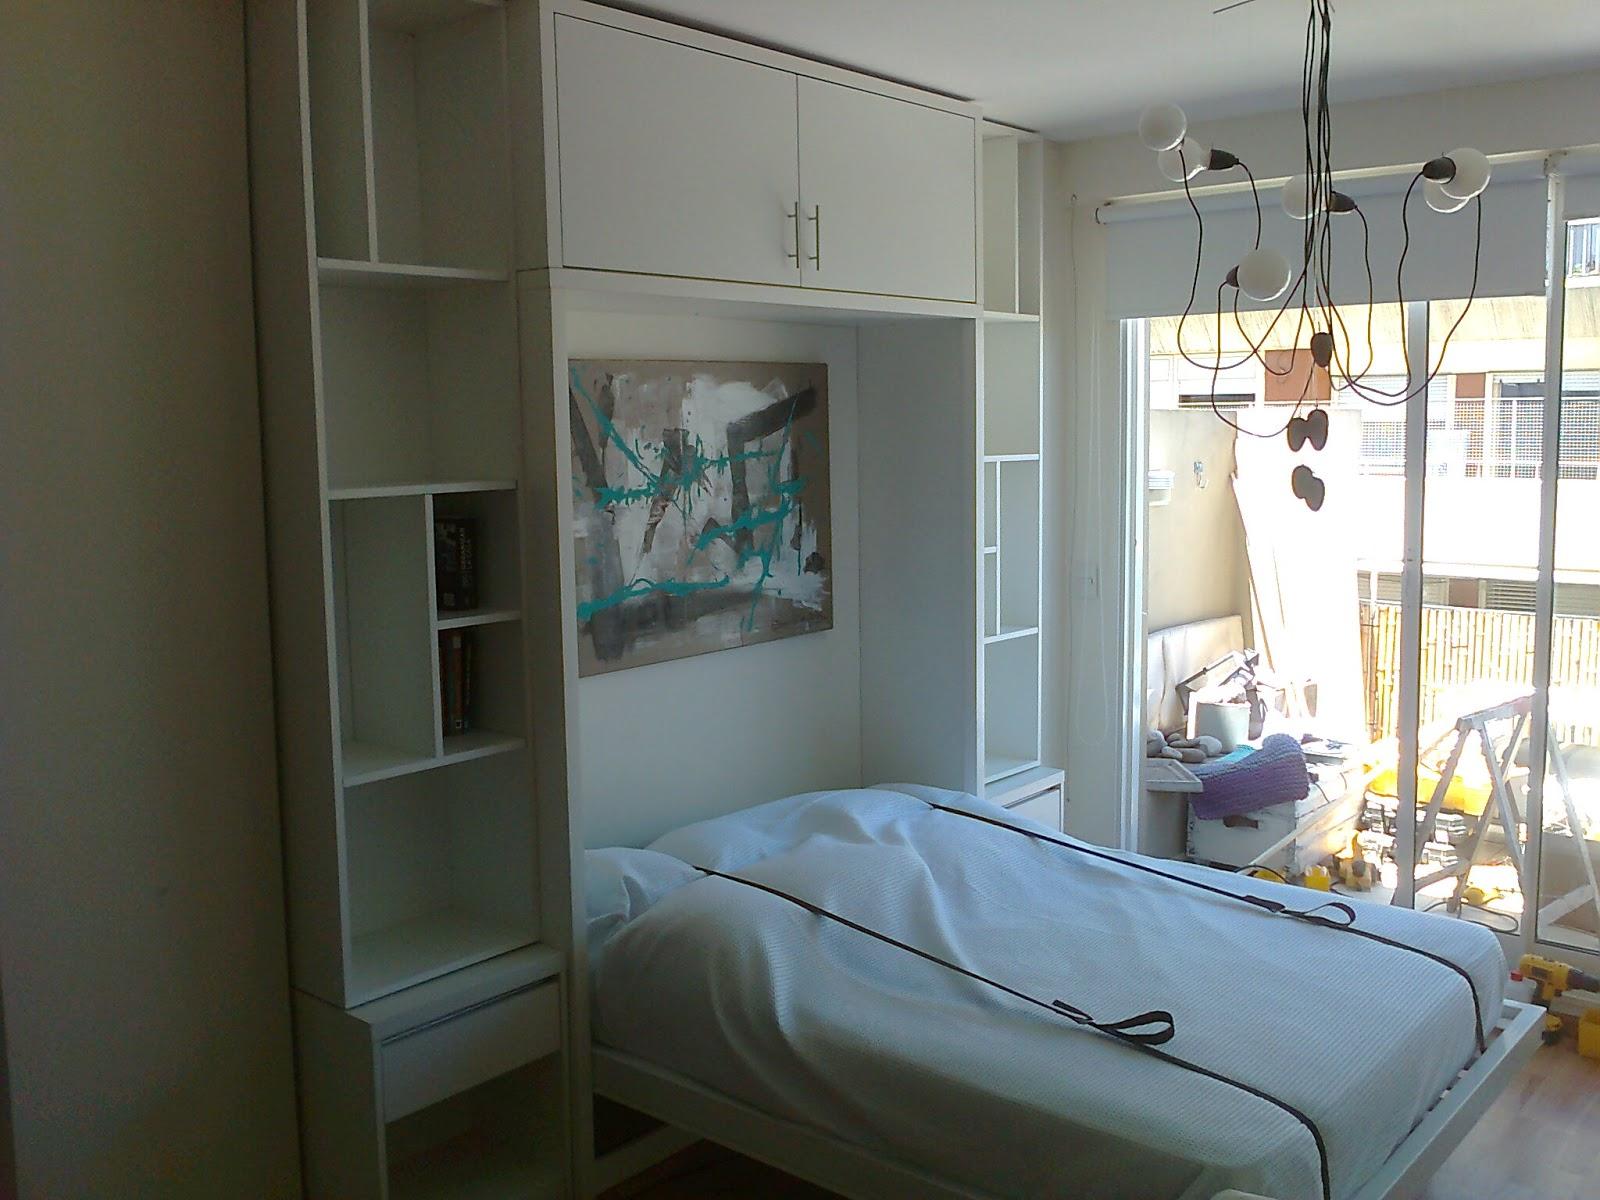 benjamin cama rebatible con mueble alrededor